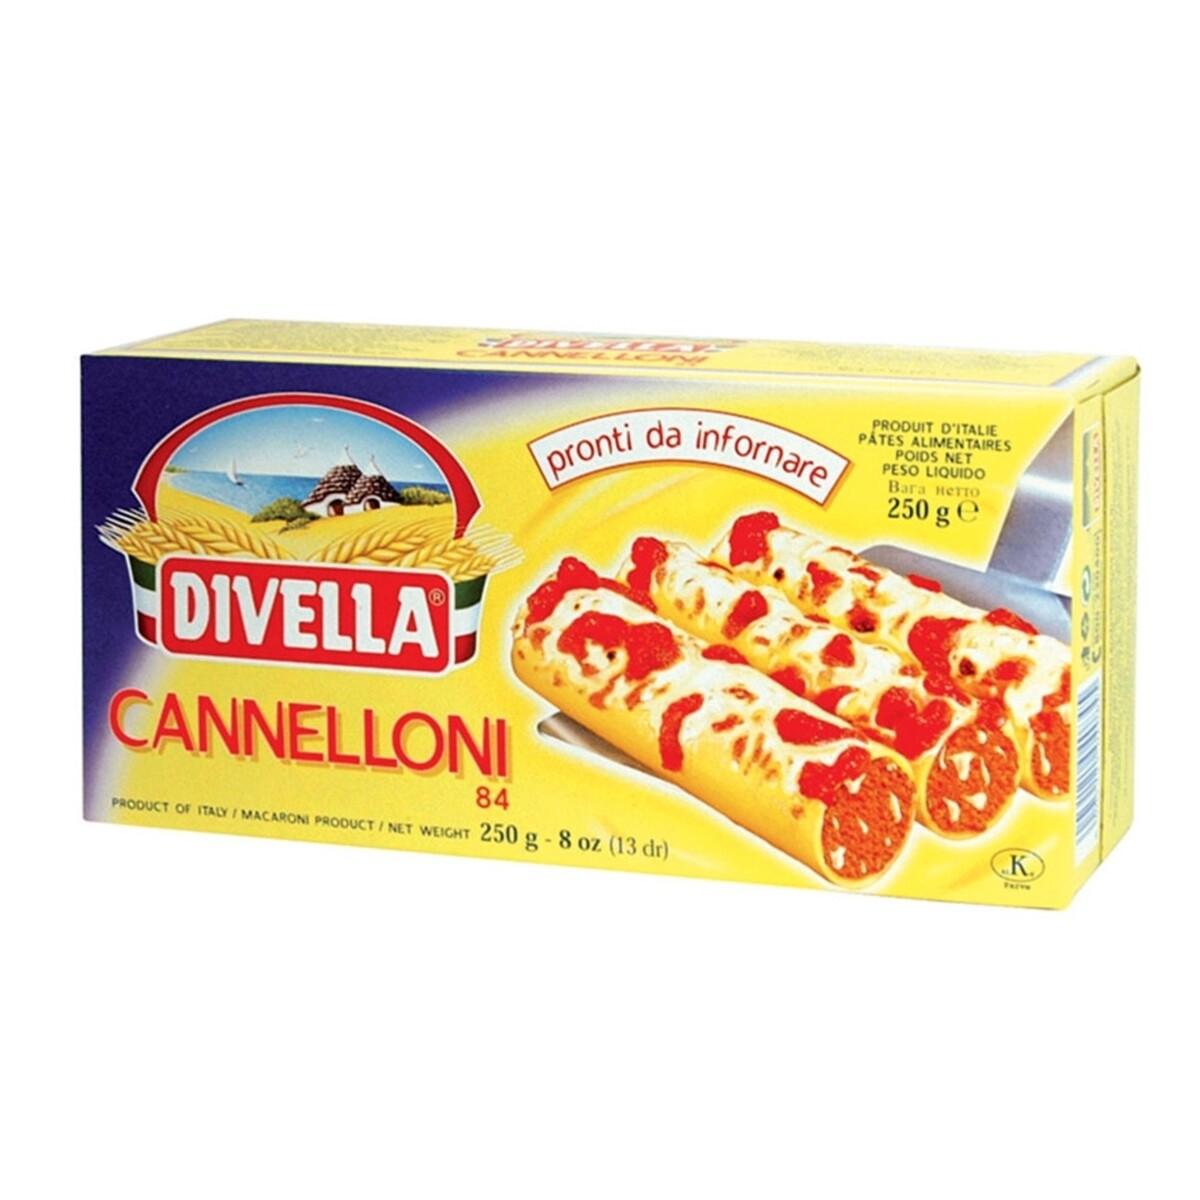 PASTA CANNELLONI DIVELLA 250g